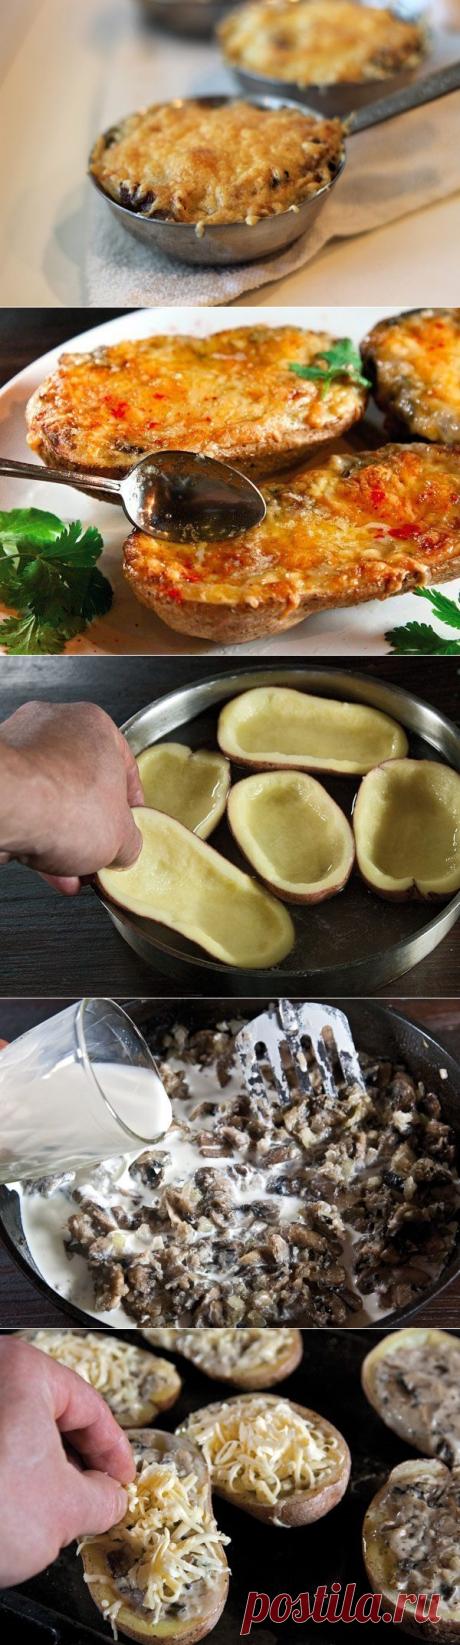 Жюльен в картошке